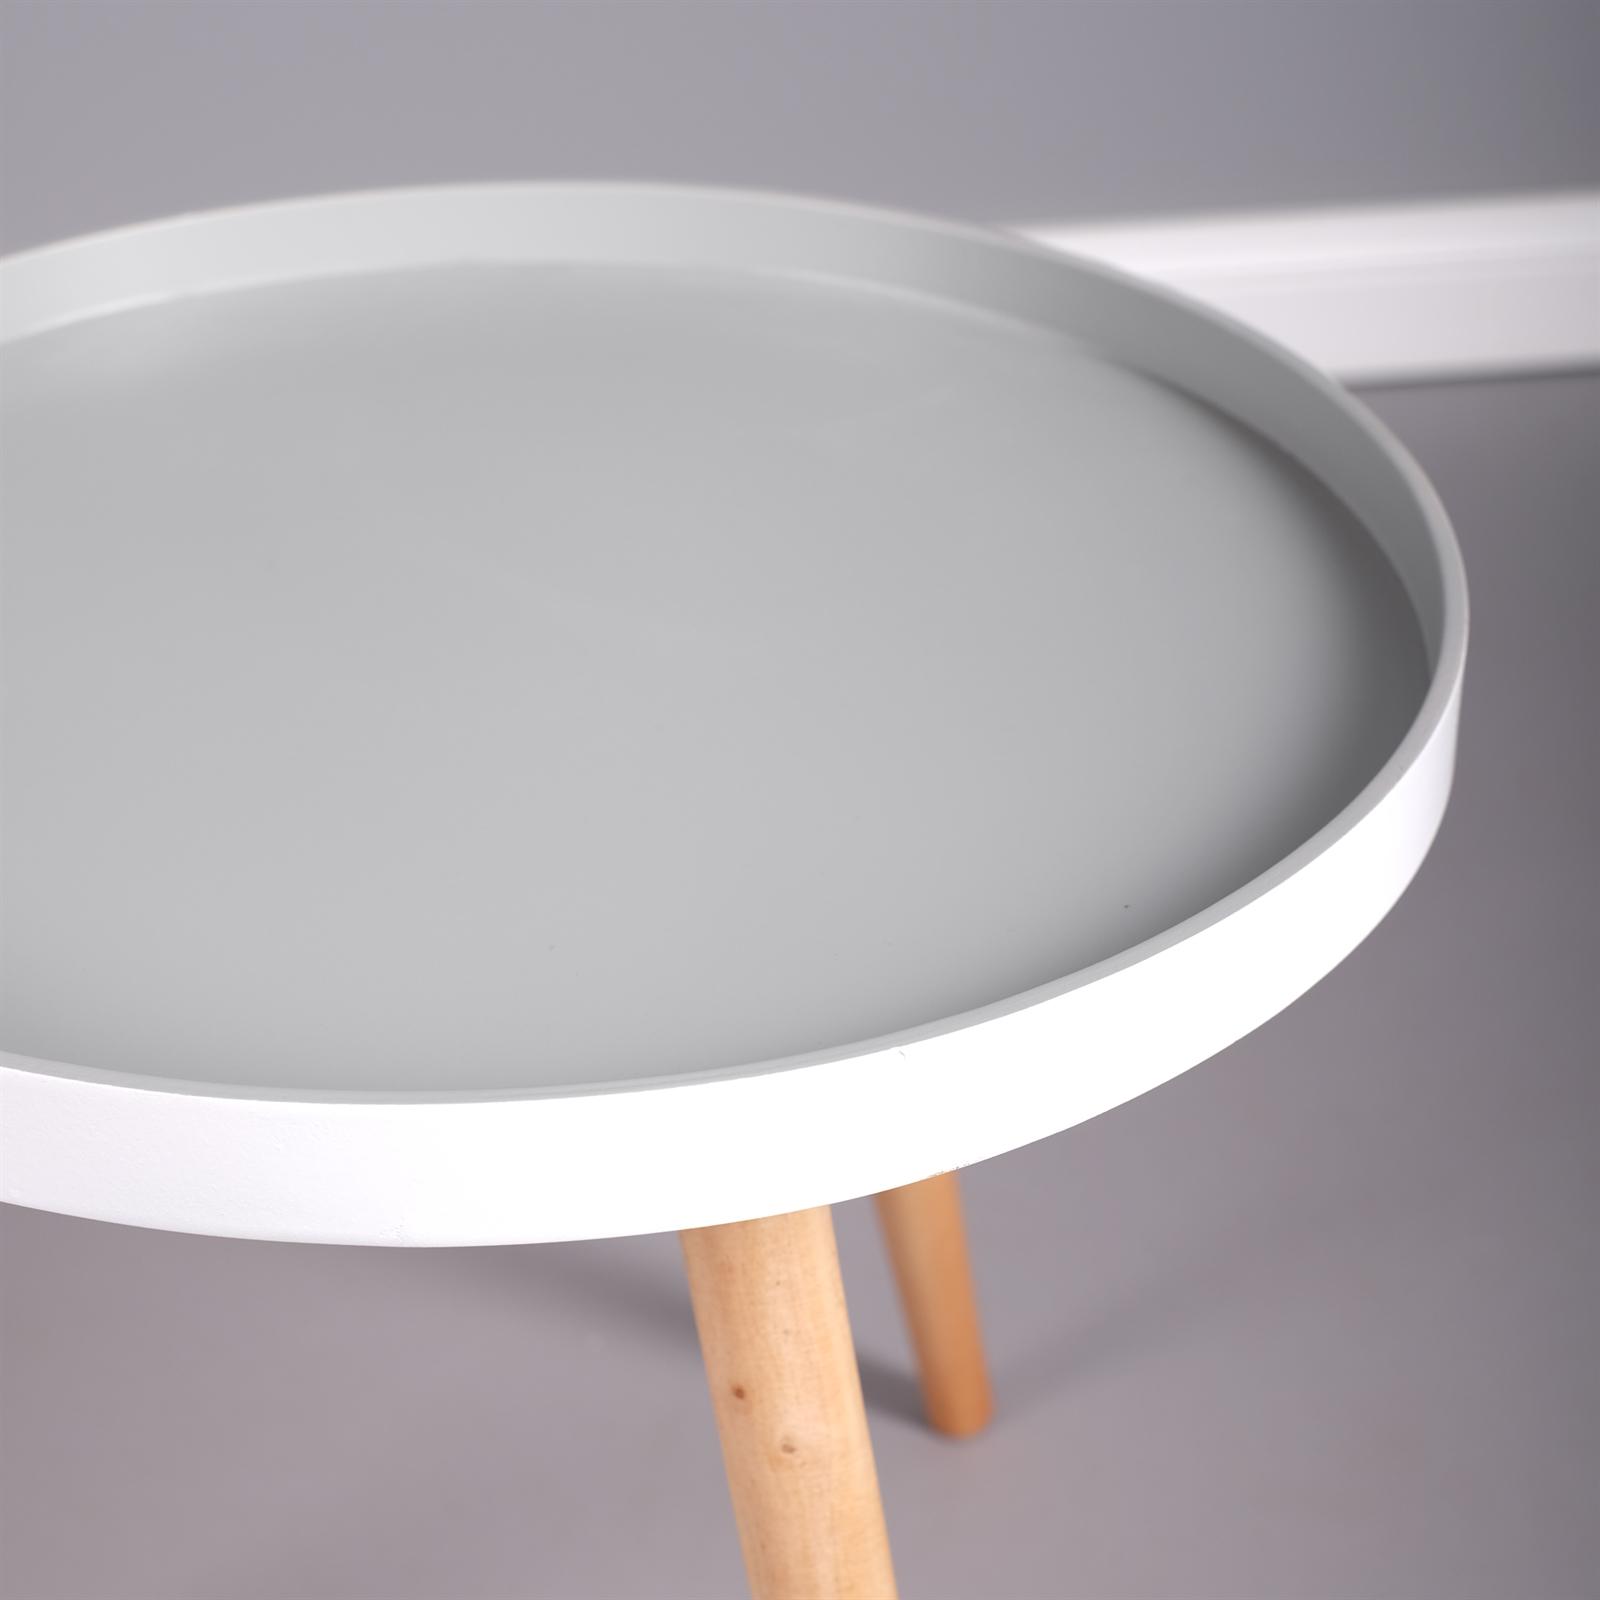 Schlichter beistelltisch nordica grau weiss tisch for Holztisch grau